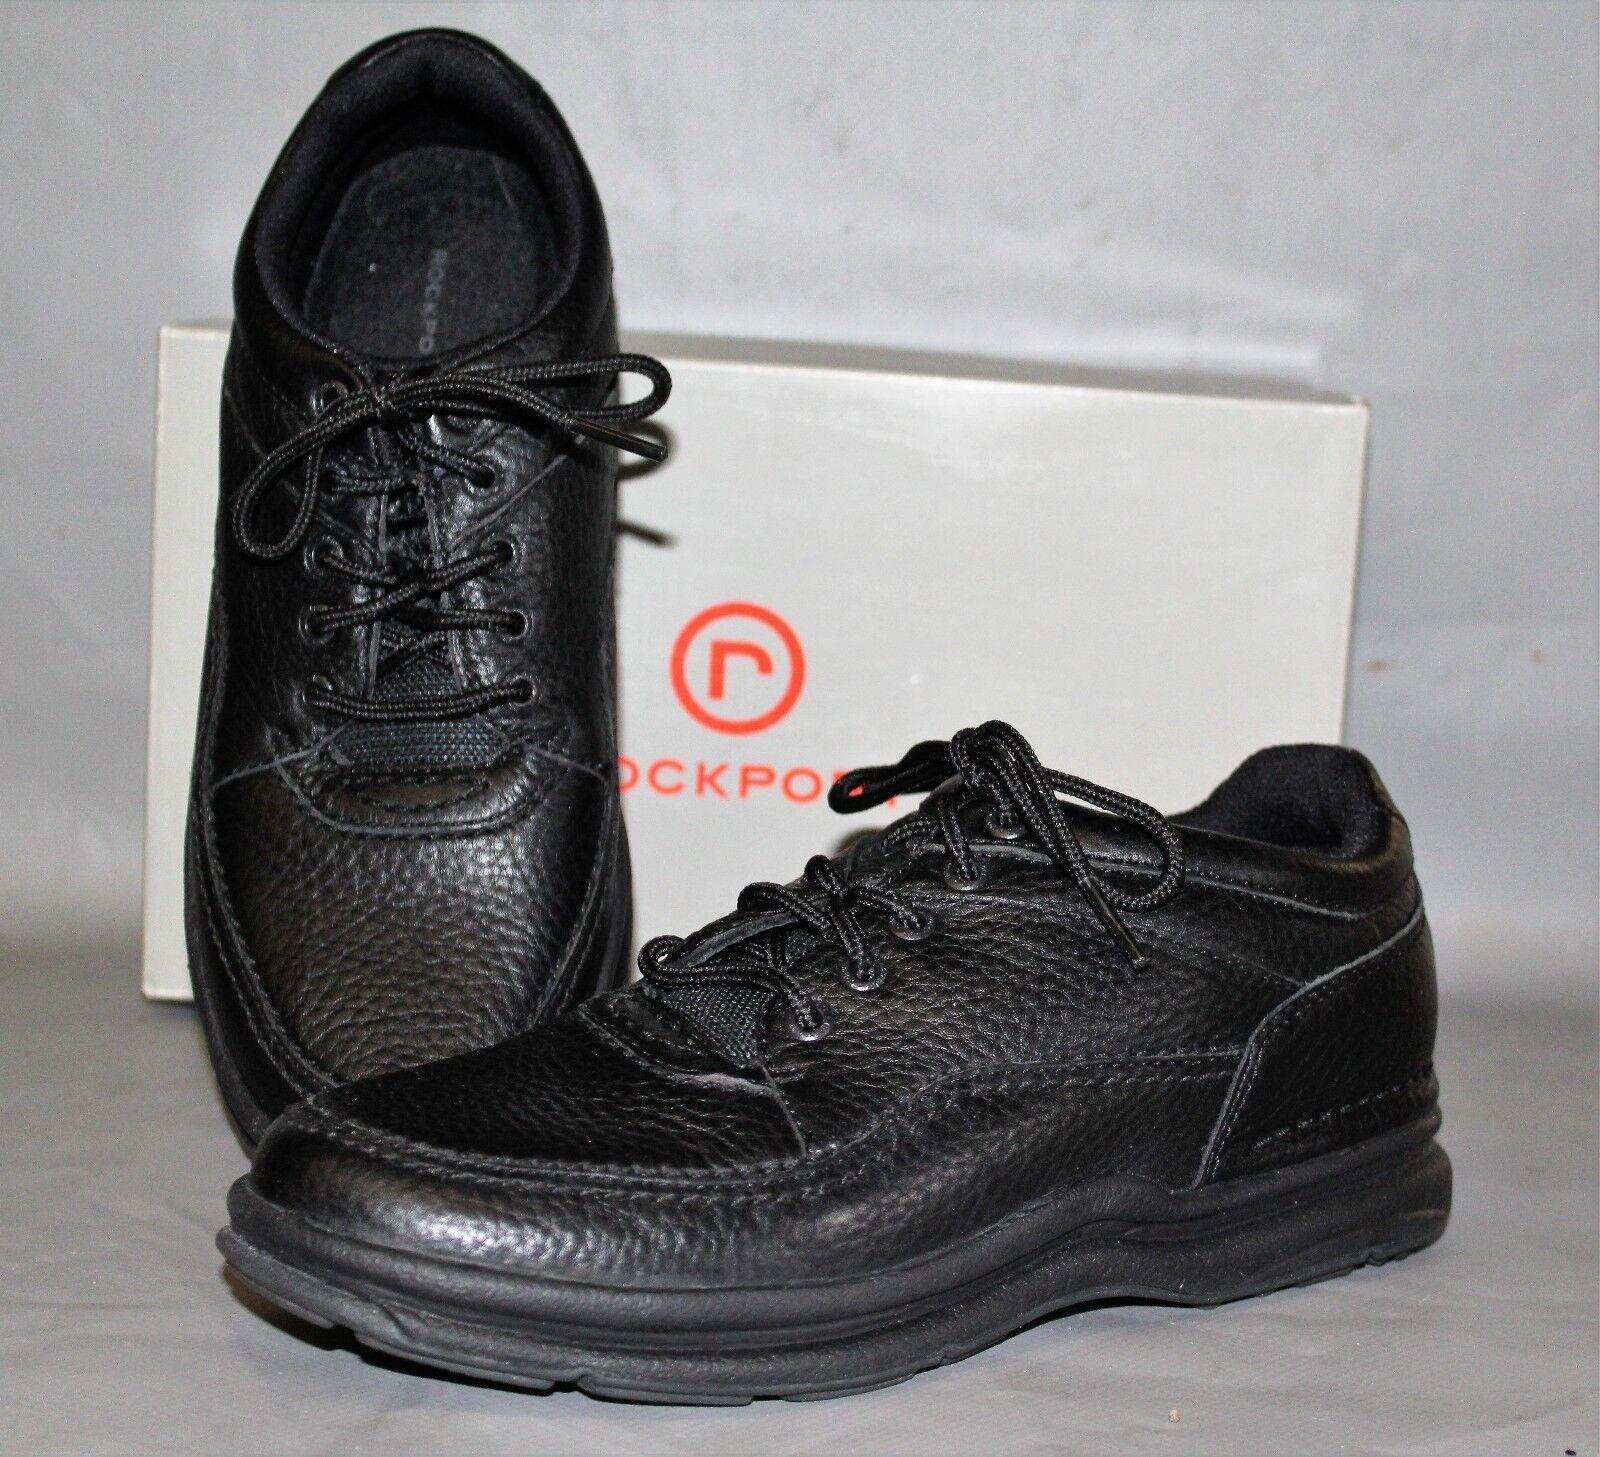 New Wouomo Rockport WT Classic nero  Leather Supportive Casual   Comfort scarpe  per il commercio all'ingrosso